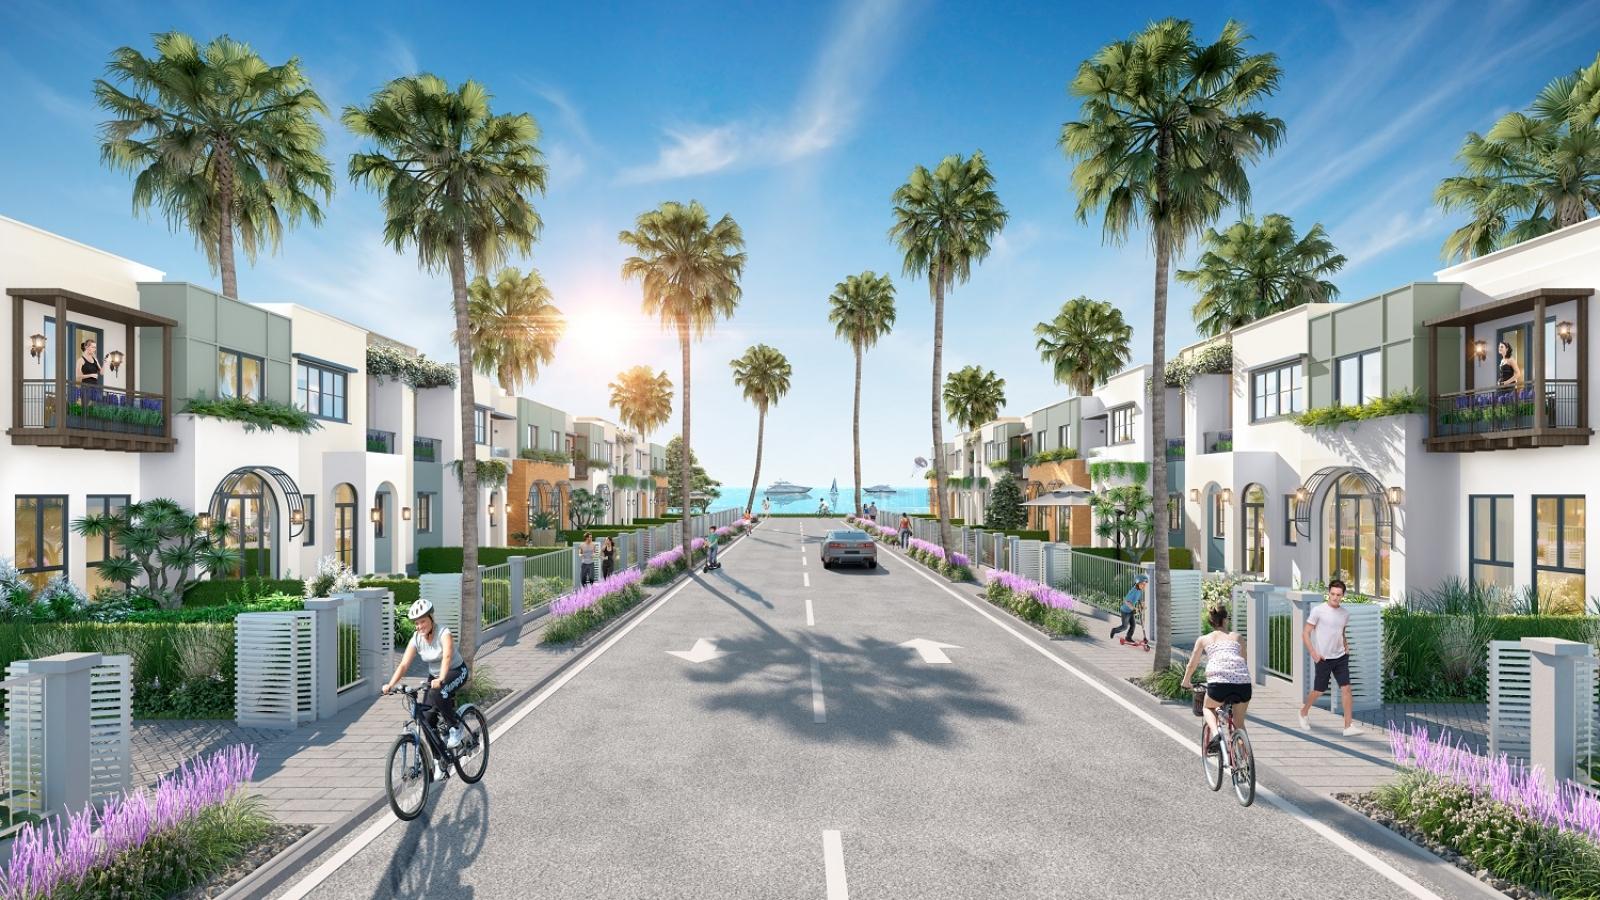 Compound giữa lòng siêu đô thị biển mở ra cơ hội an cư mới